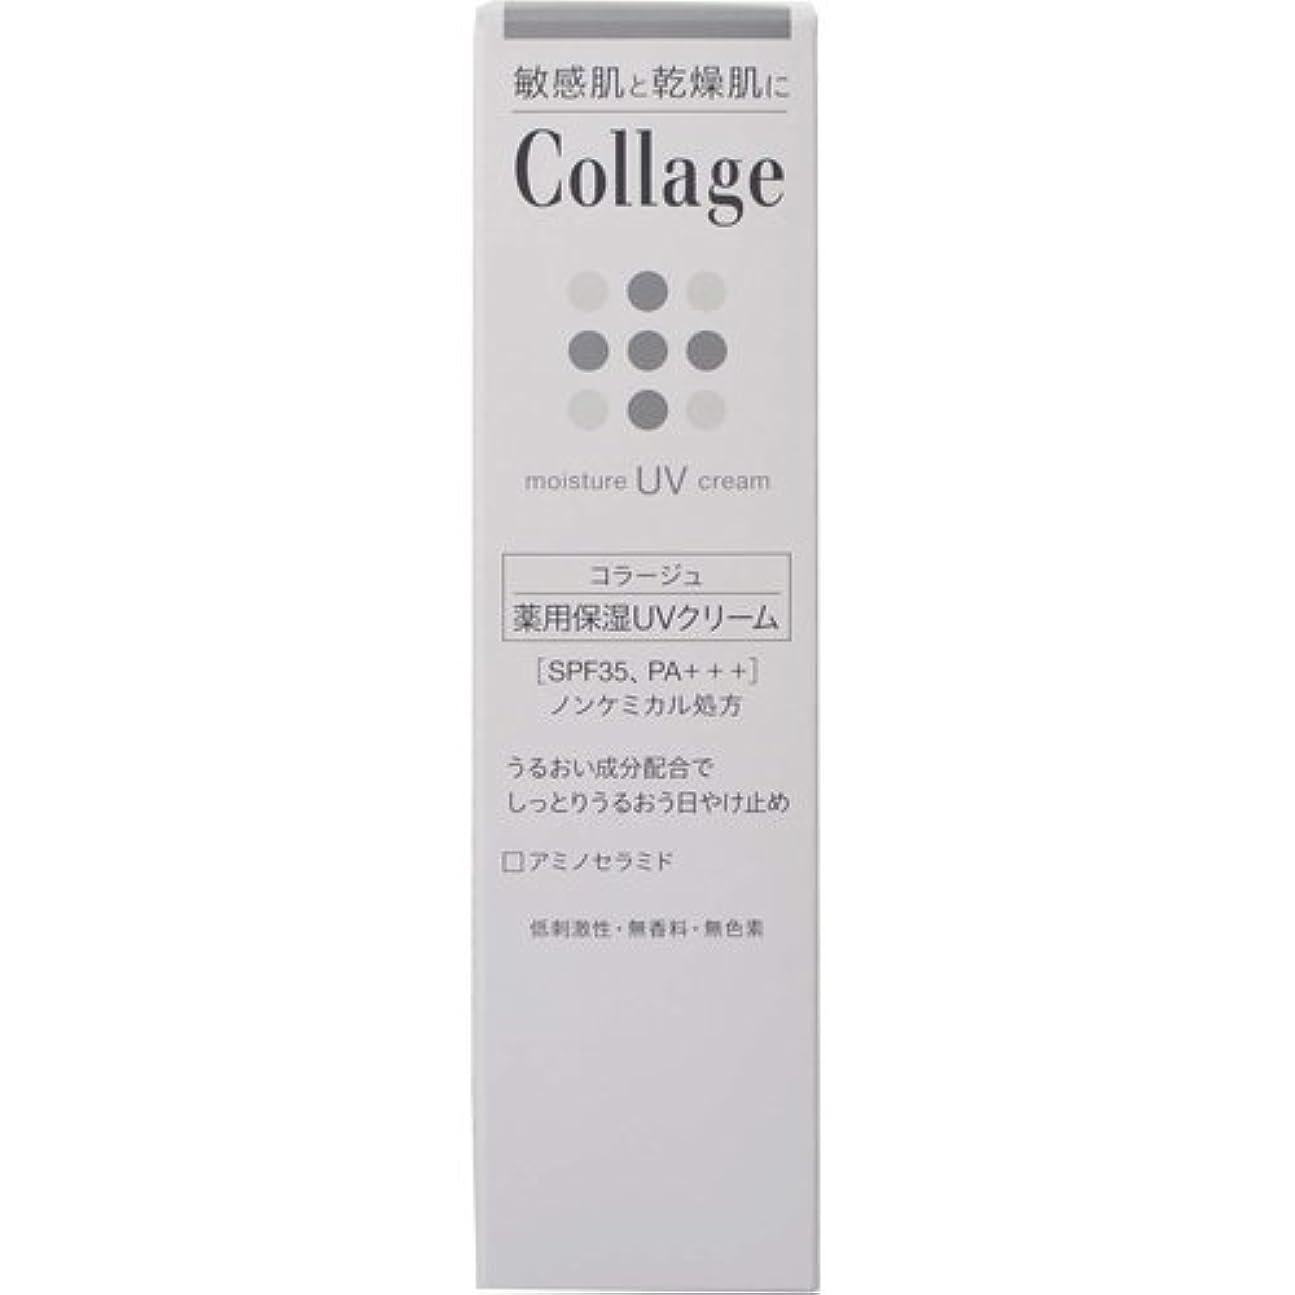 志すかもしれない月曜日コラージュ 薬用保湿UVクリーム 30g 【医薬部外品】